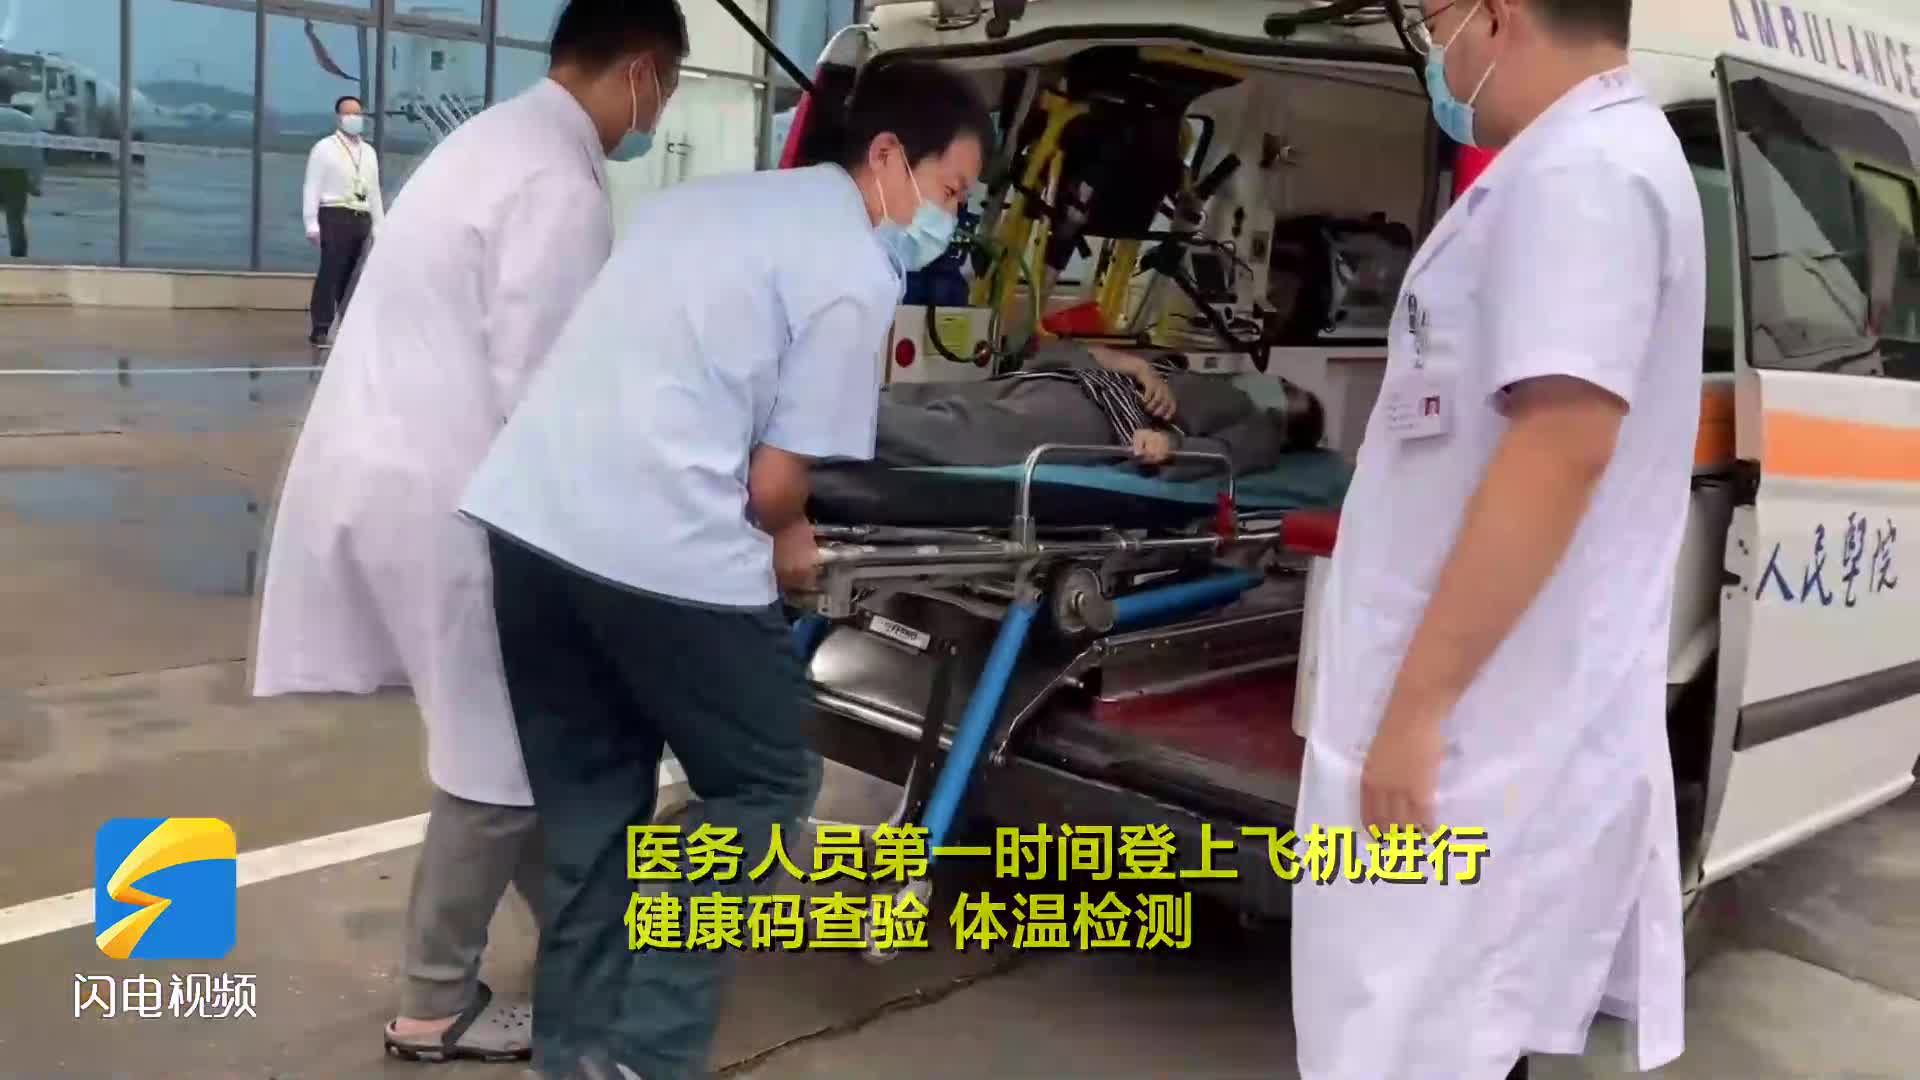 5分钟转运!潍坊机场快速救助特服旅客